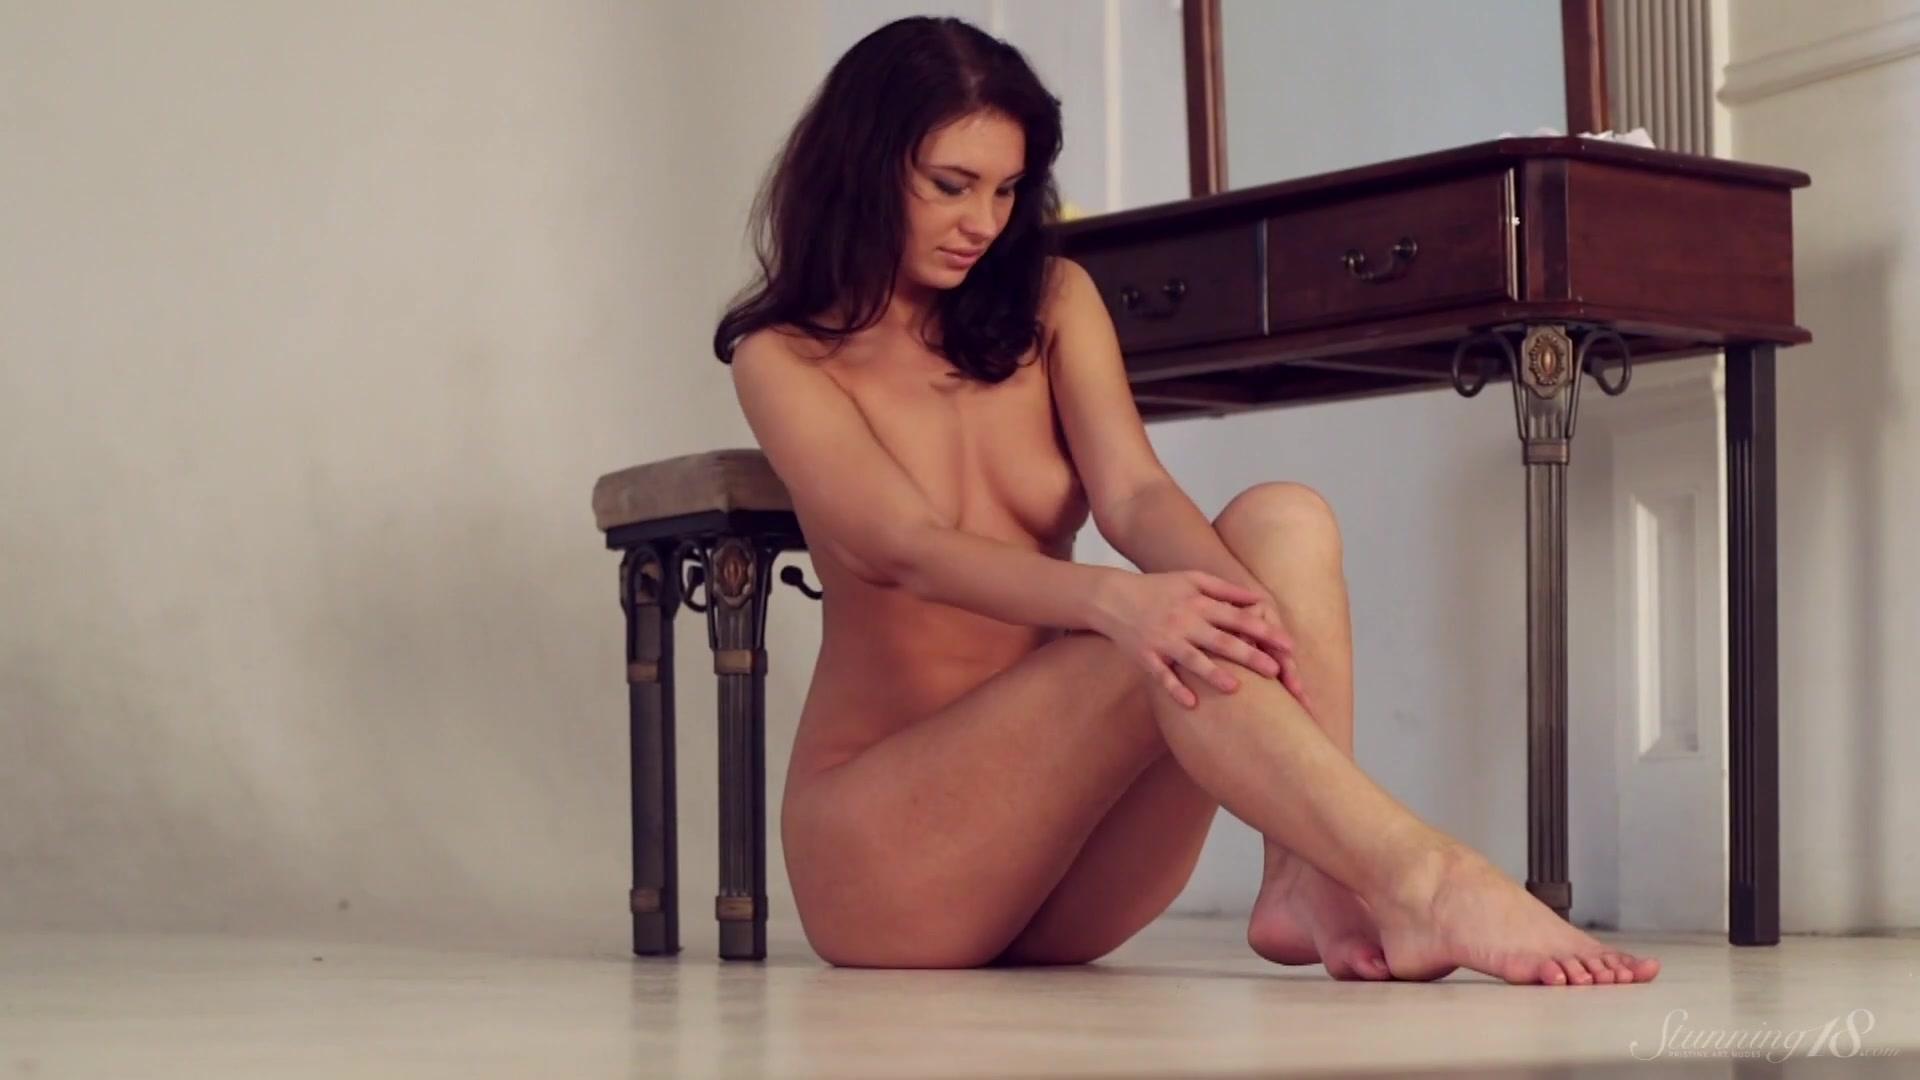 Смотреть порно подложила под жопу подушку и дала полизать пизду